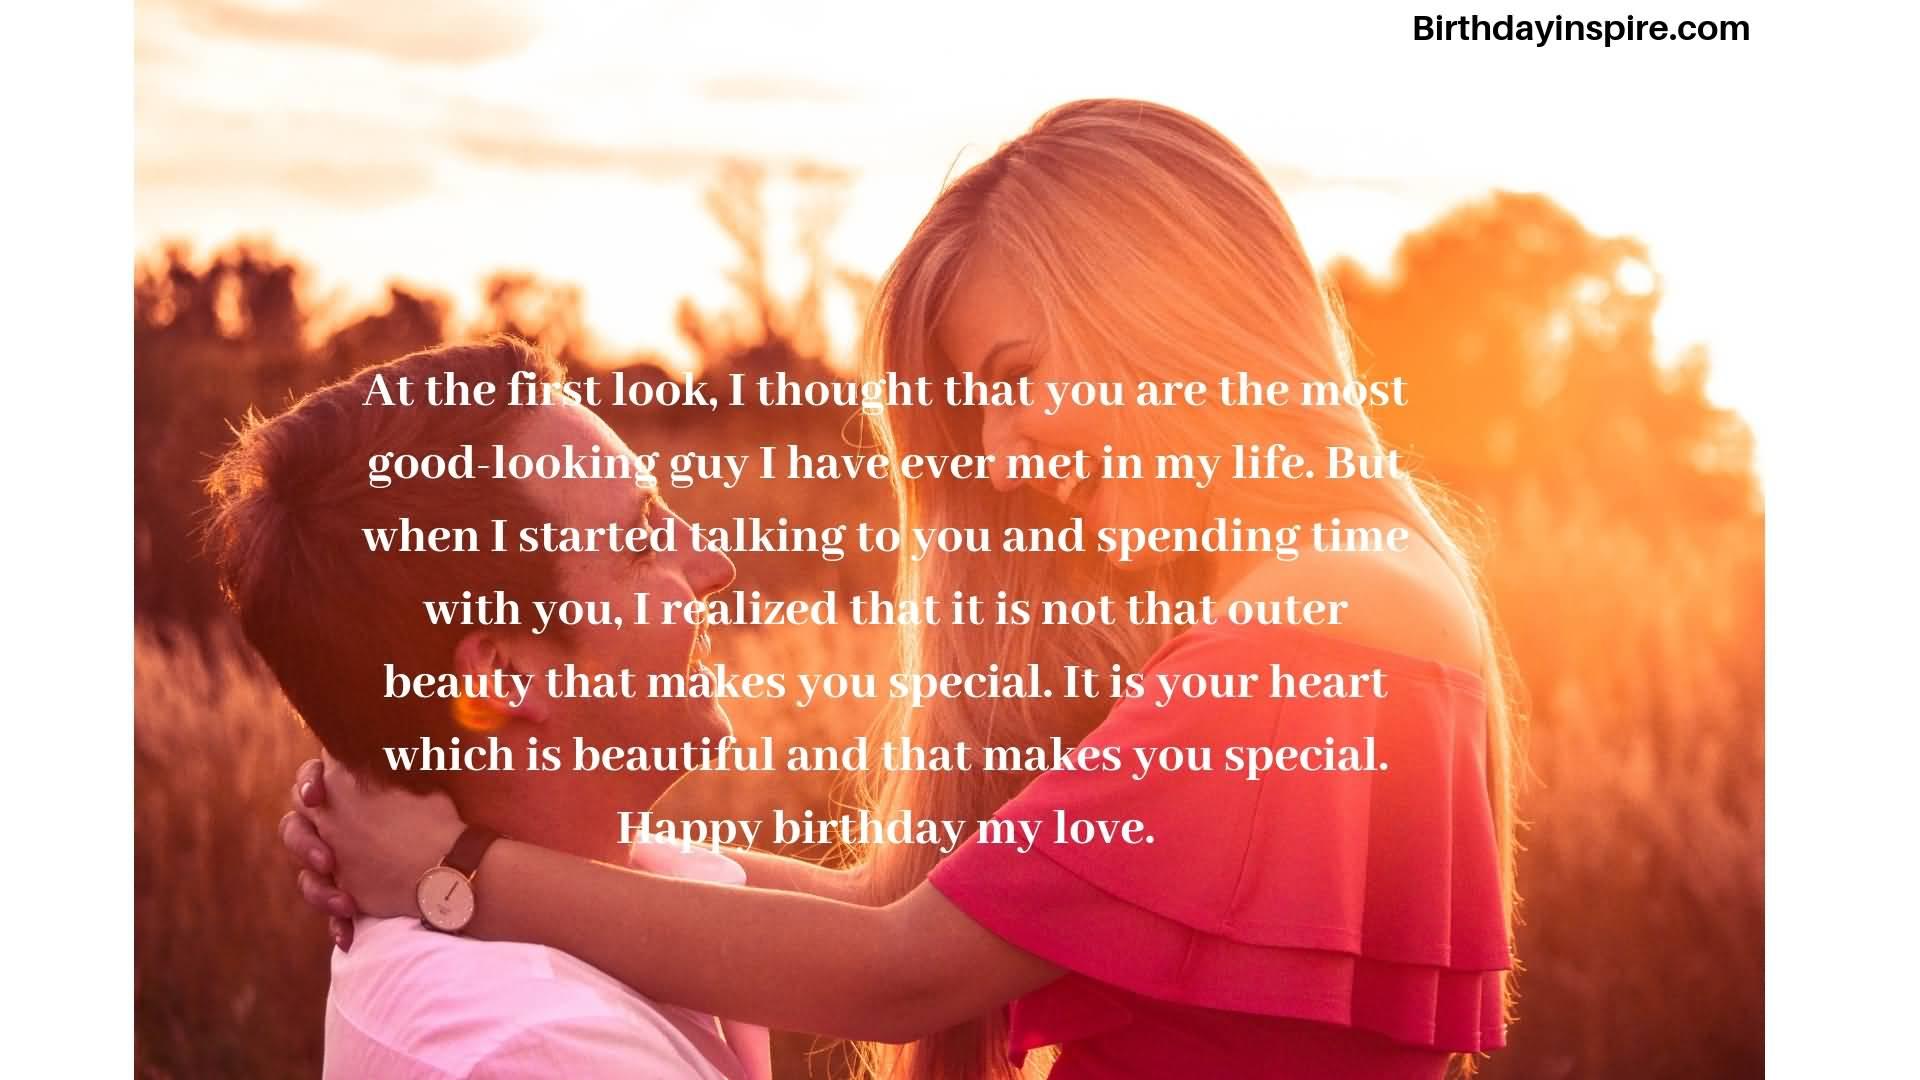 30 Happy Birthday Wishes For My Love Boyfriend   Preet Kamal 1920x1080